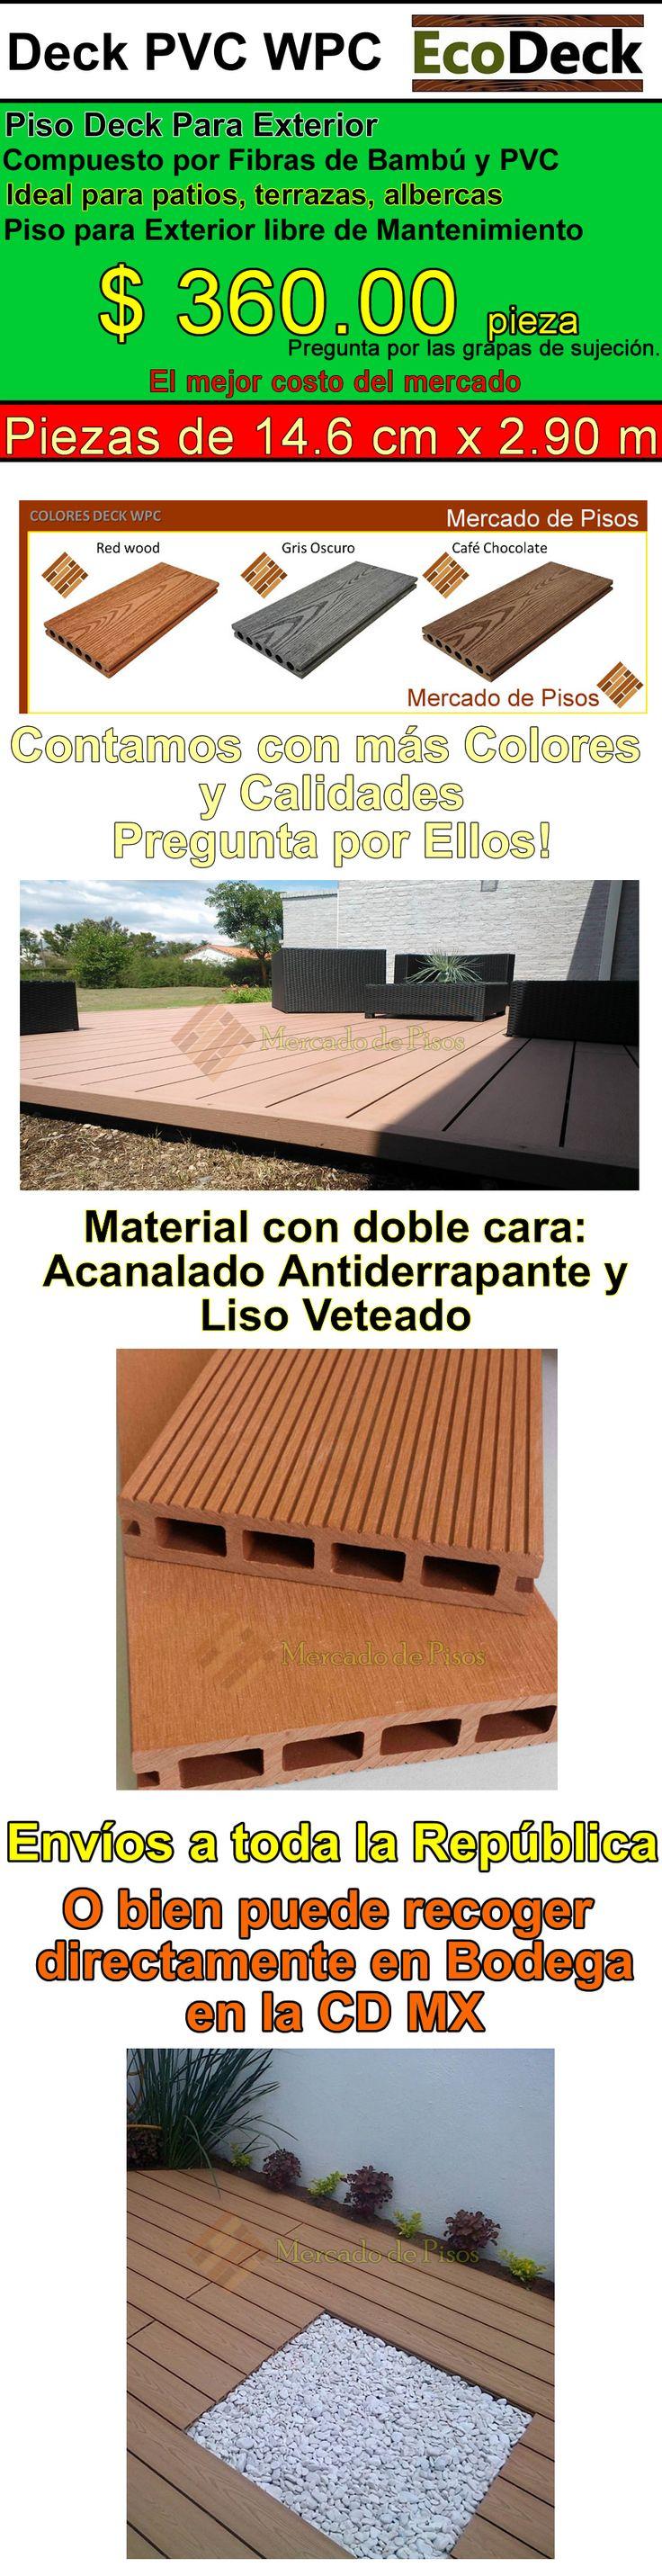 Deck Pvc Wpc Bambu Exterior Libre De Mantenimiento - $ 365.00 en Mercado Libre